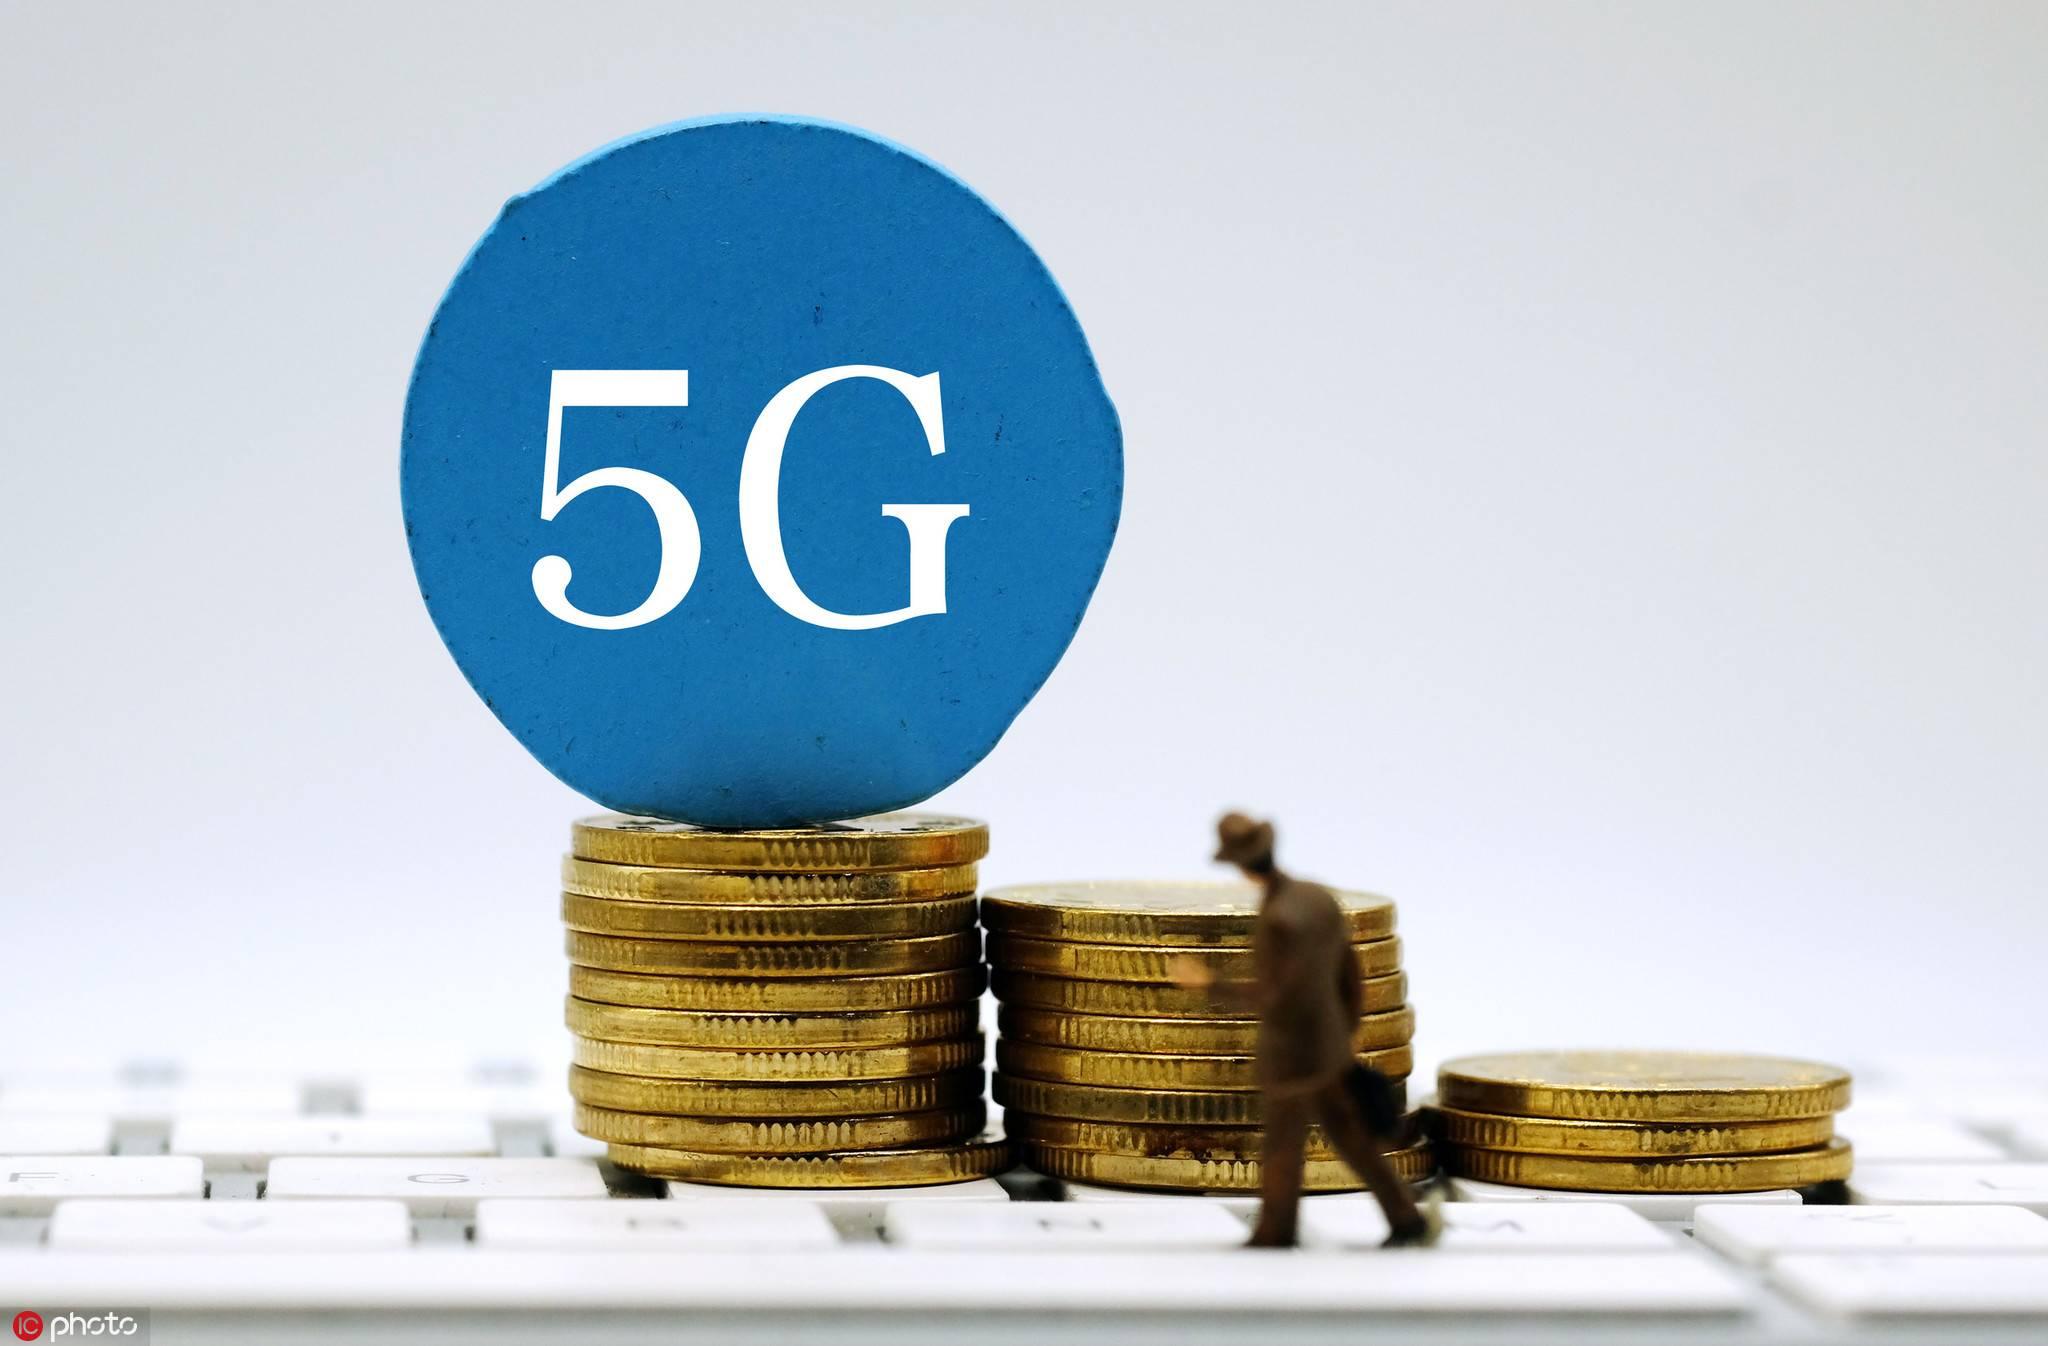 互联网女皇报告中忽视了的5G基础设施红利